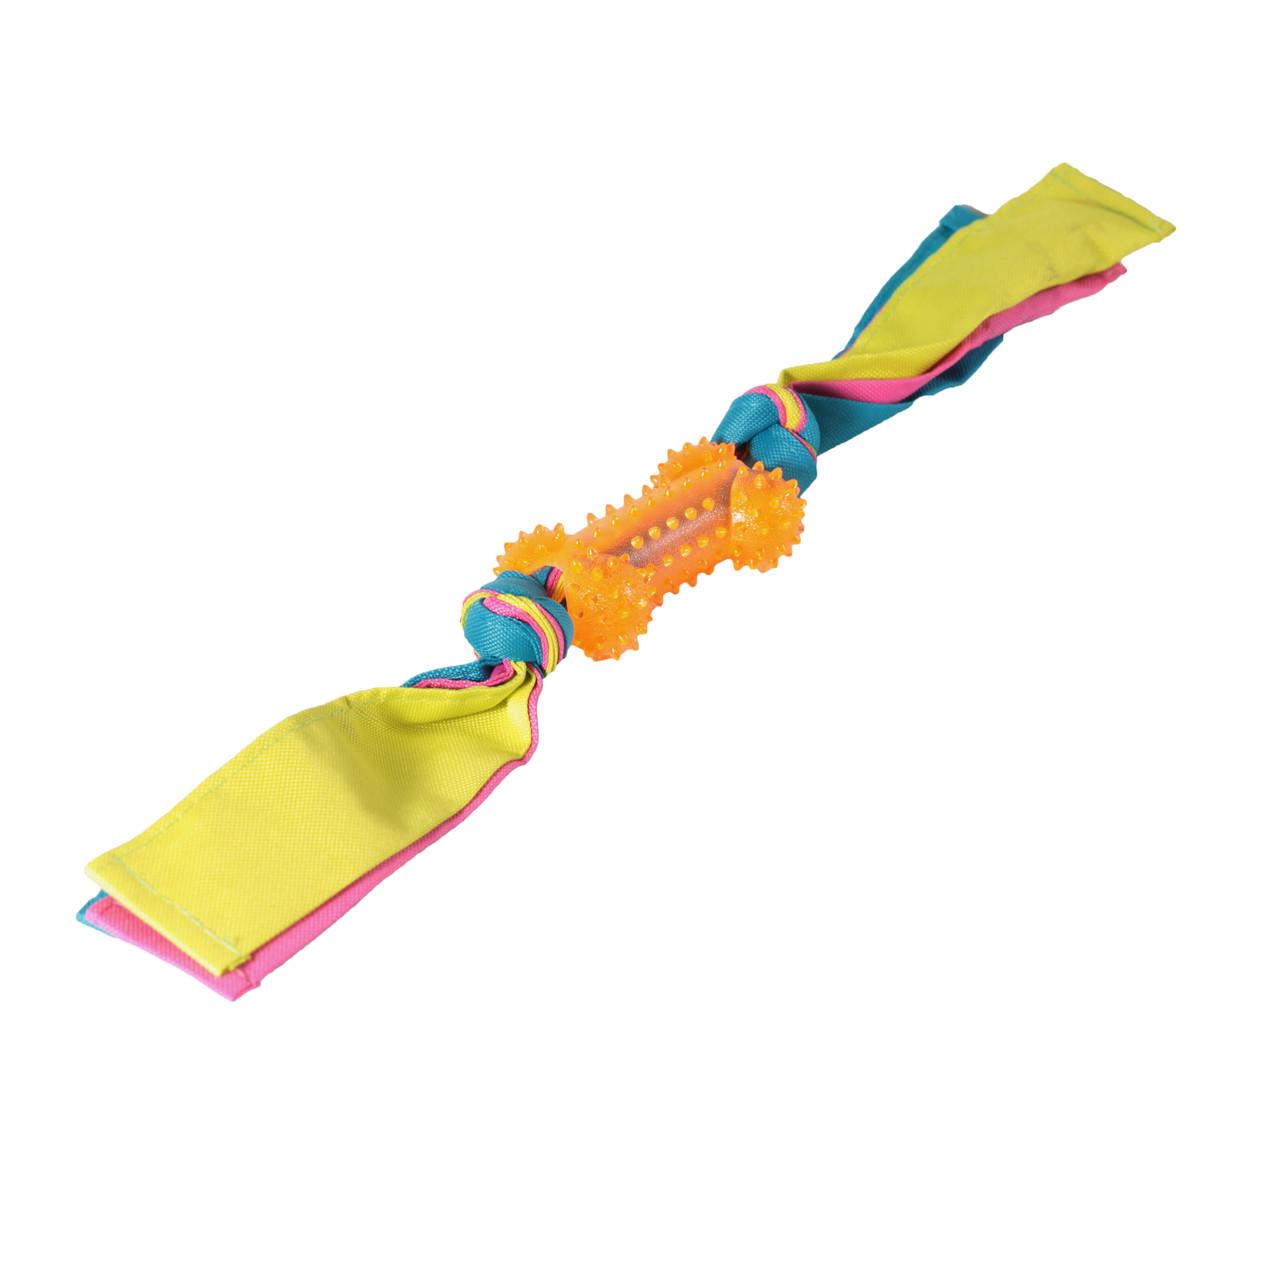 Игрушка для собак Кость шипованная с лентами нейлона TPR 11*44,5 см